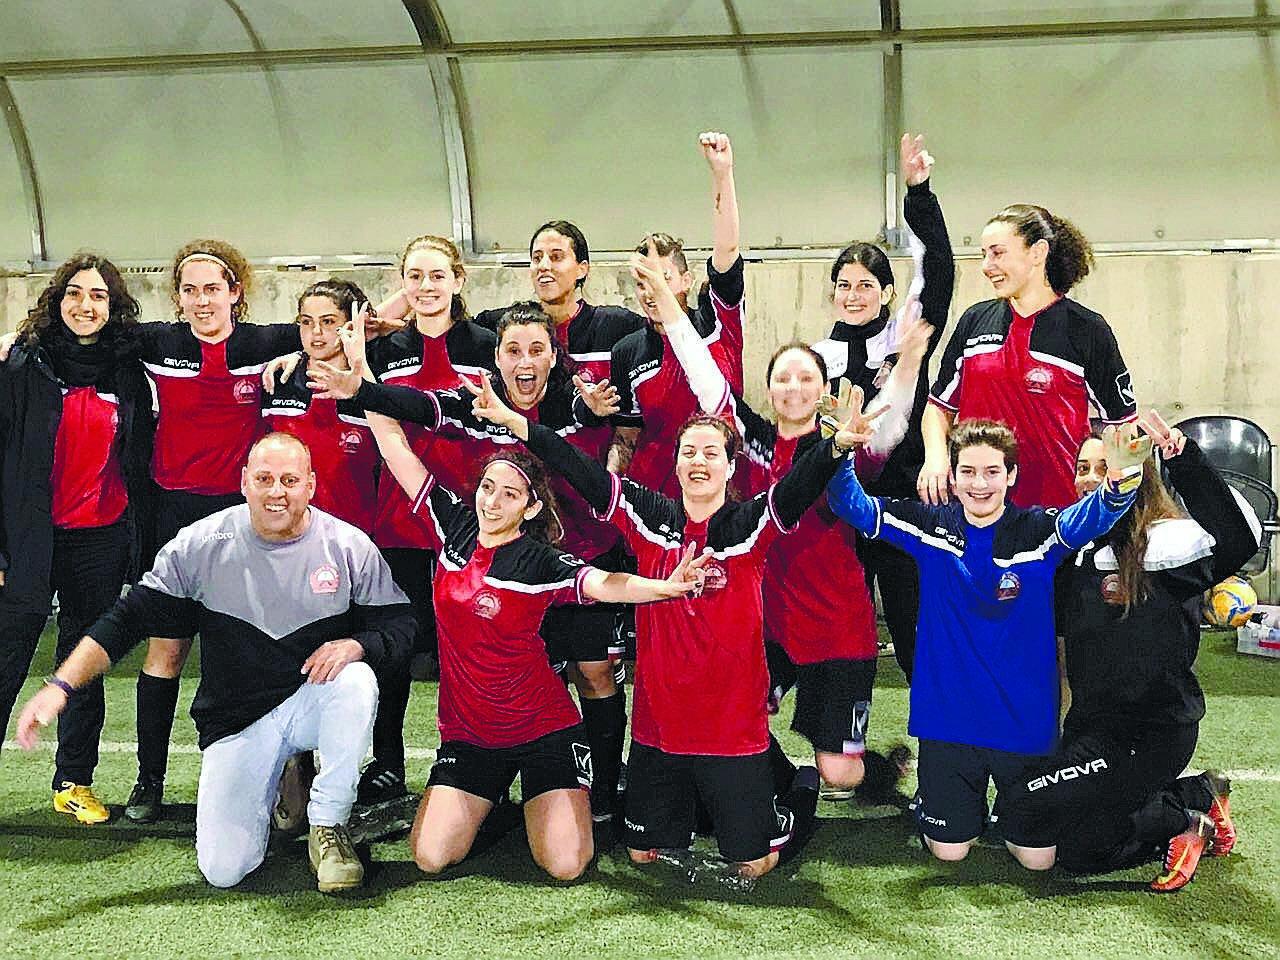 קבוצת הנשים בכדורגל של הפועל רעננה צילום: באדיבות קבוצת הנשים בכדורגל של הפועל רעננה